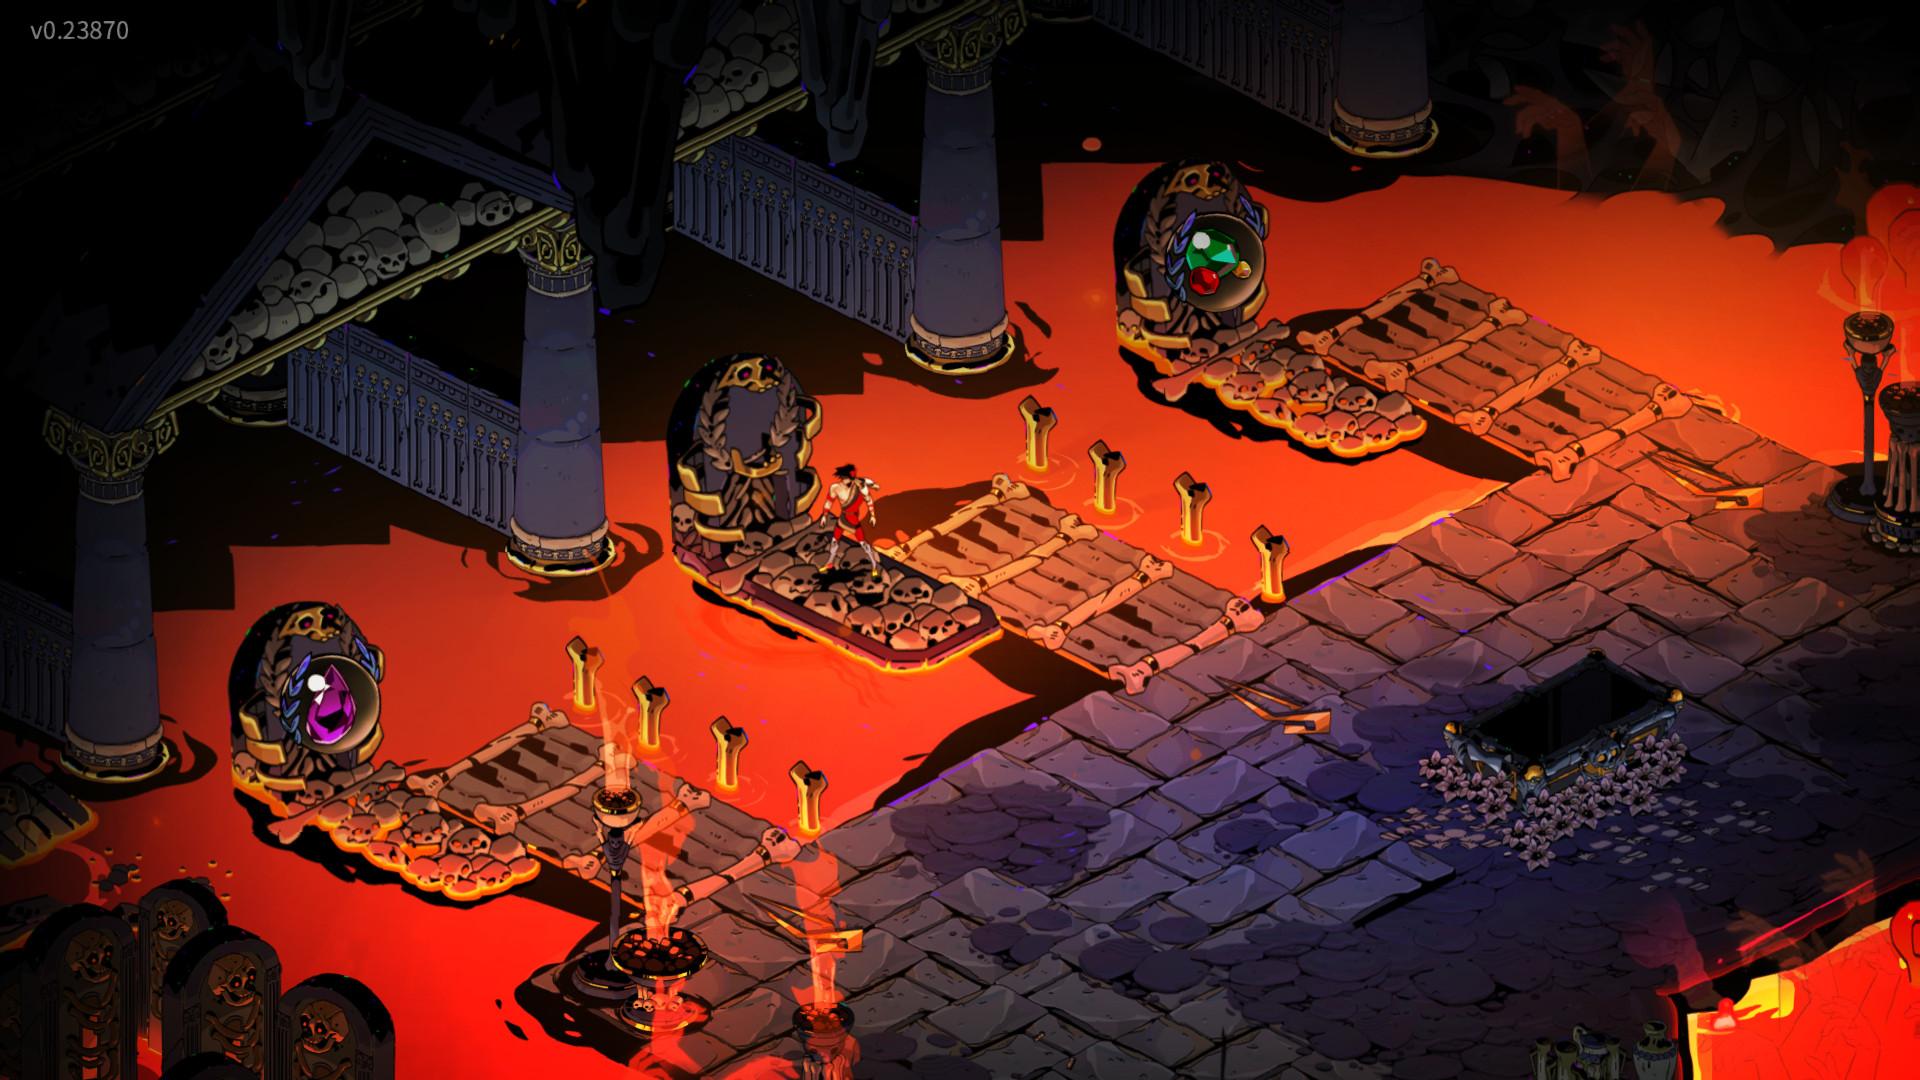 《哈迪斯:地狱之战》评测:生死轮回间,永远会有新的冒险